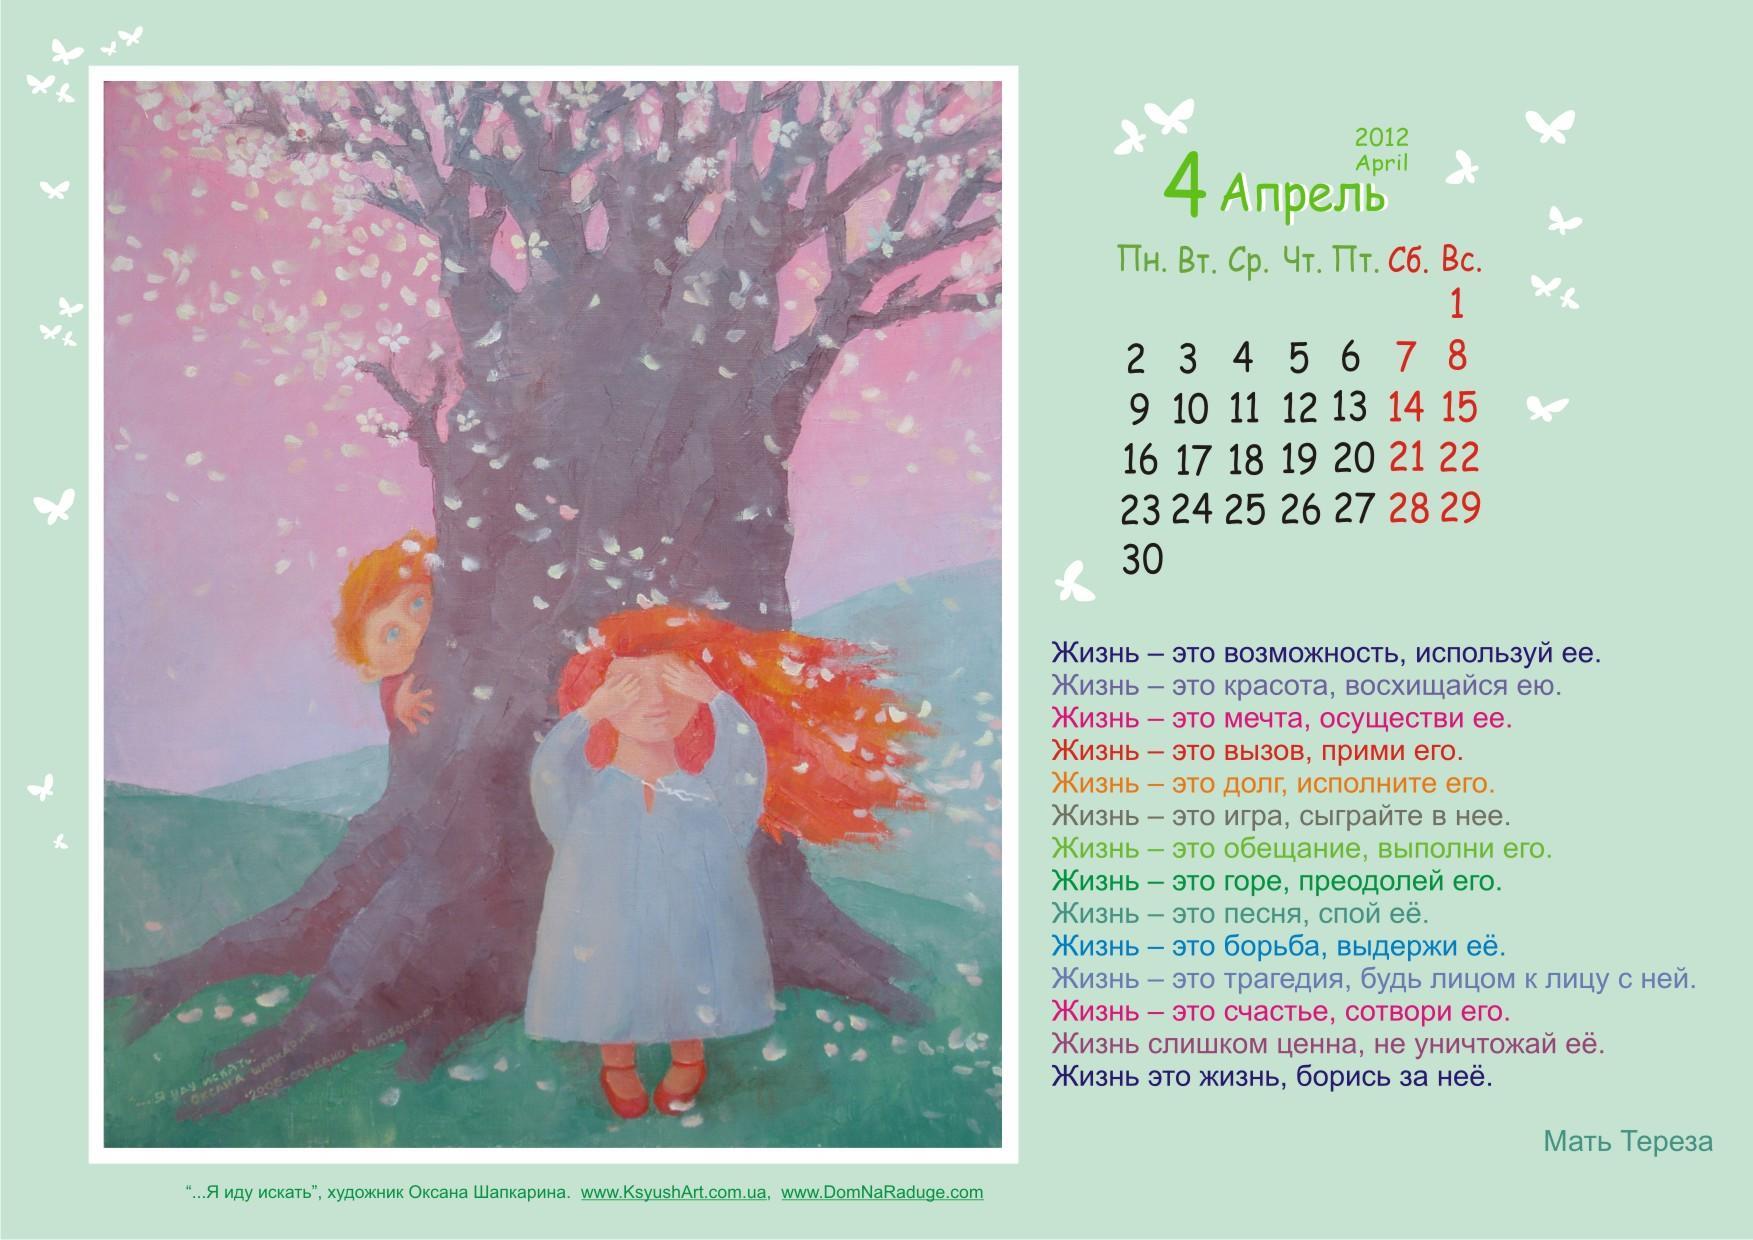 Латышский праздник день летнего солнцестояния